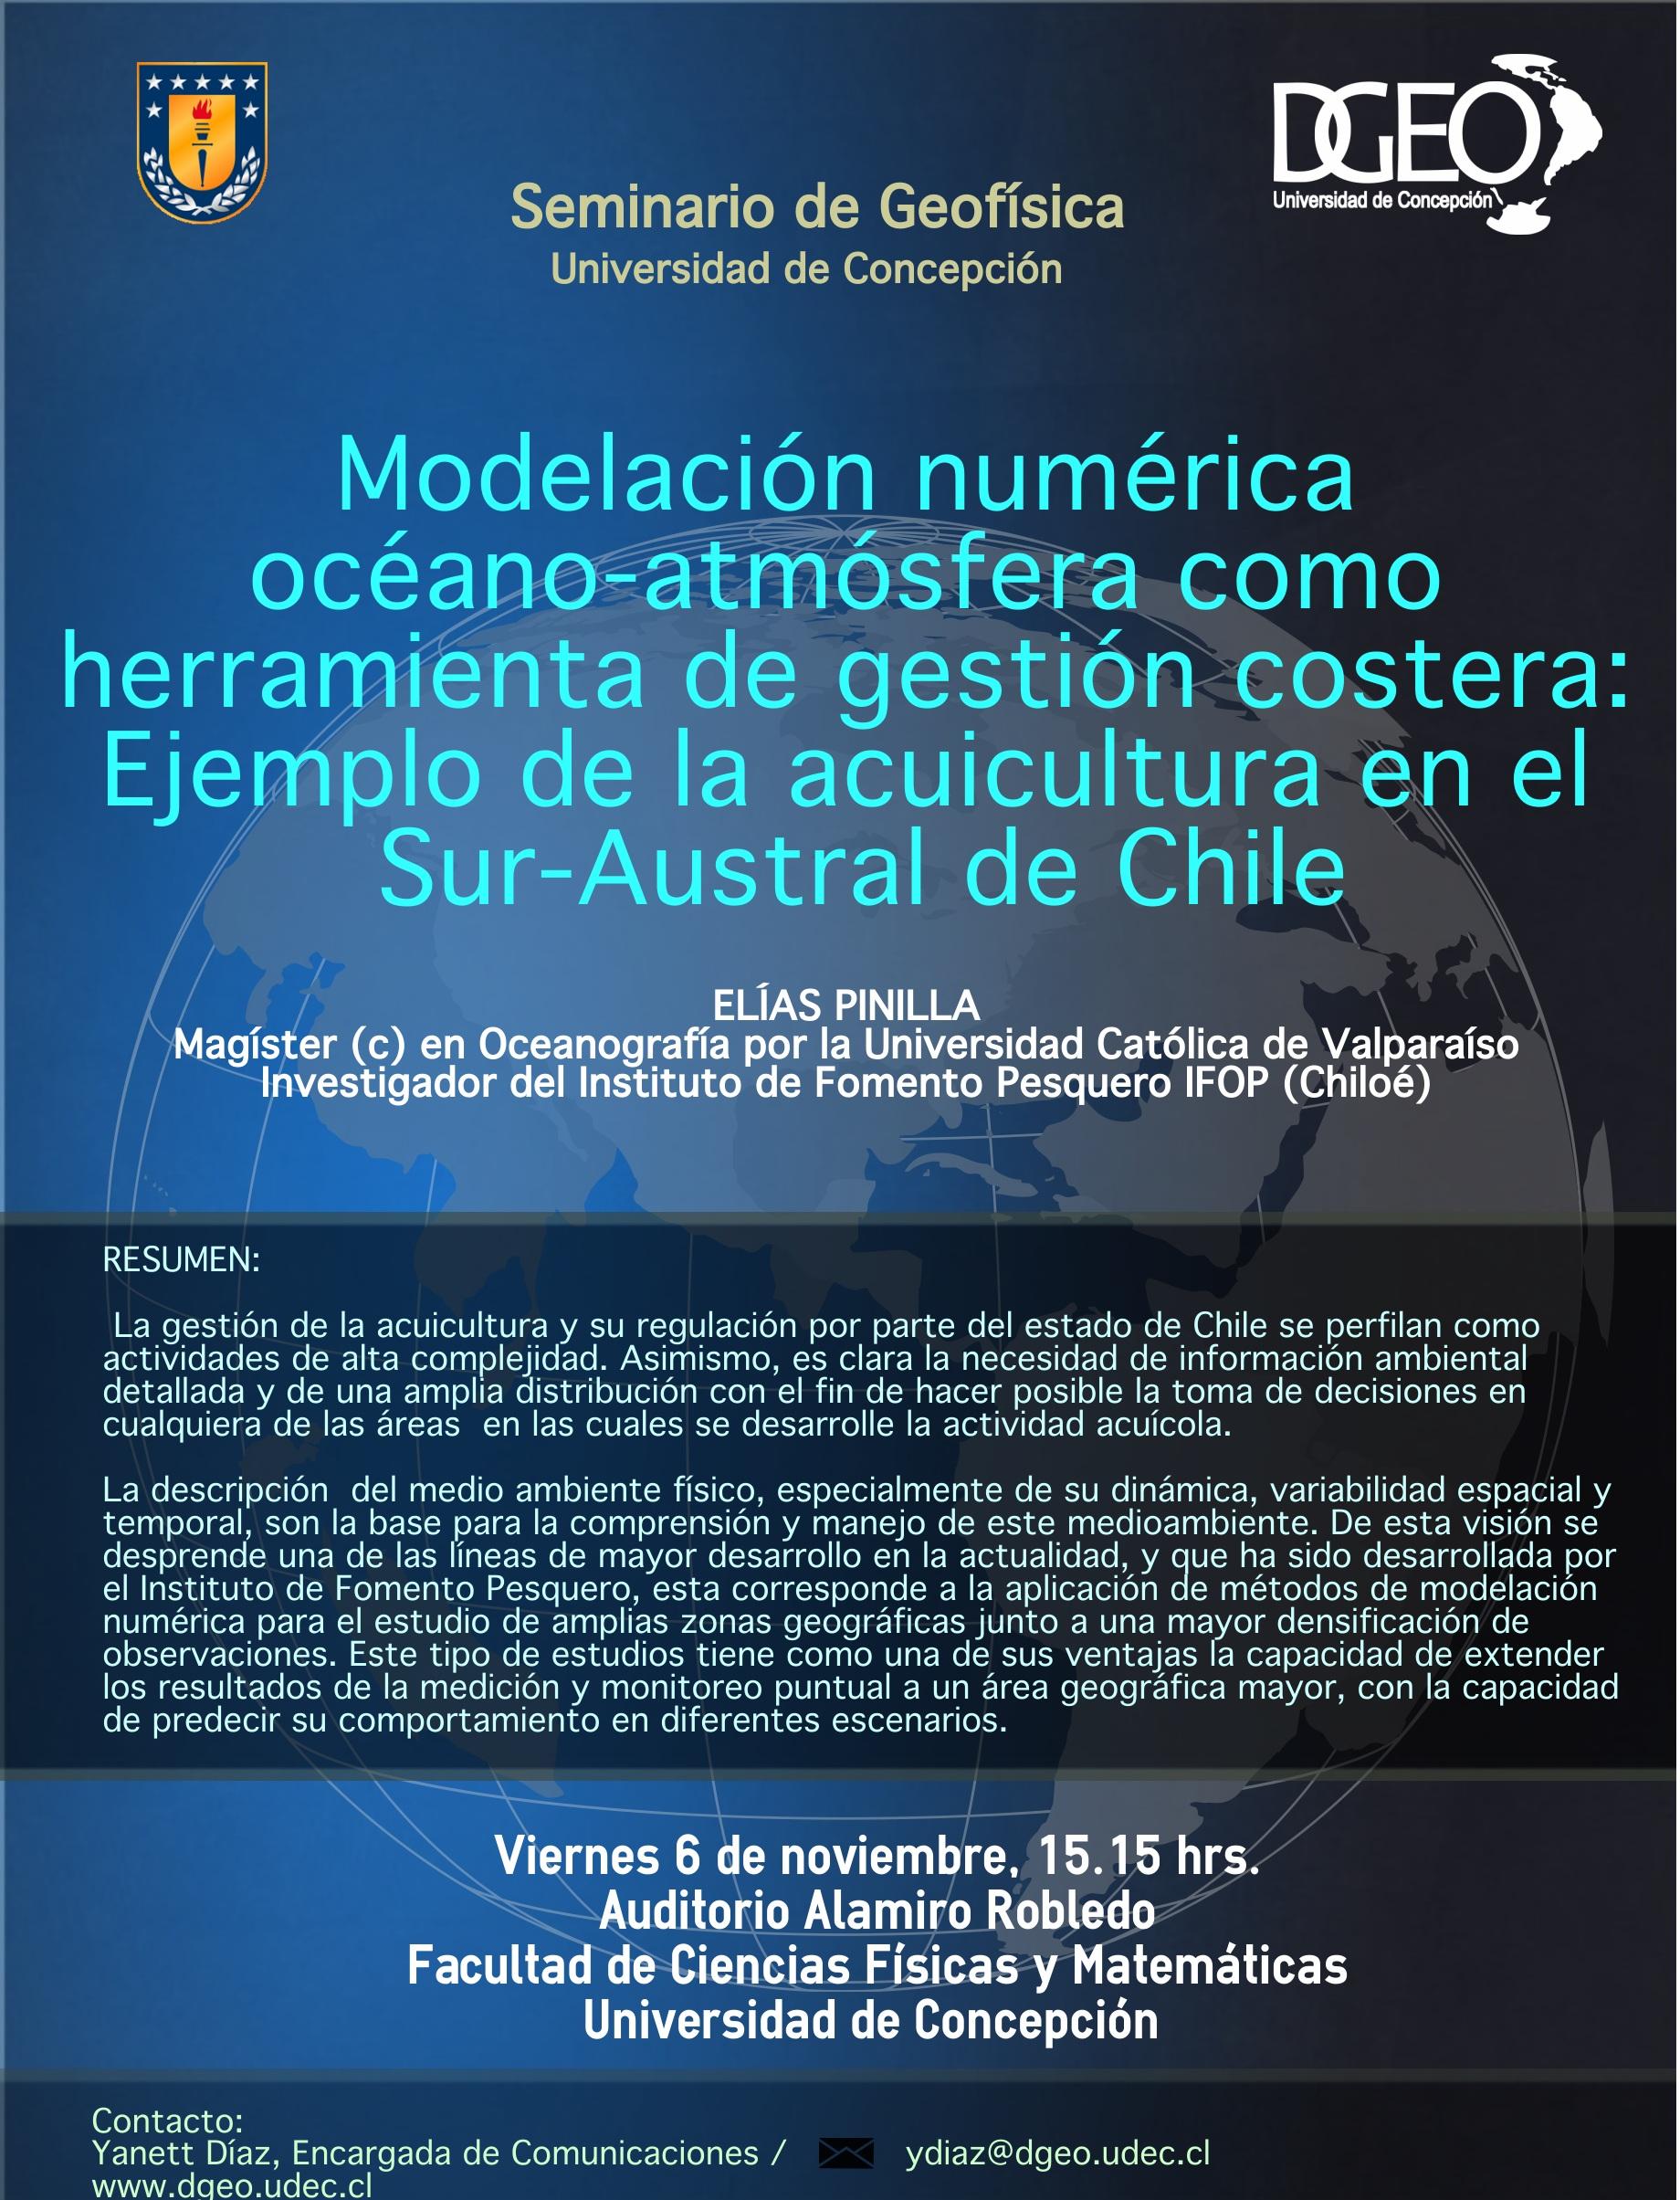 SeminarioElias Pinilla_6 noviembre